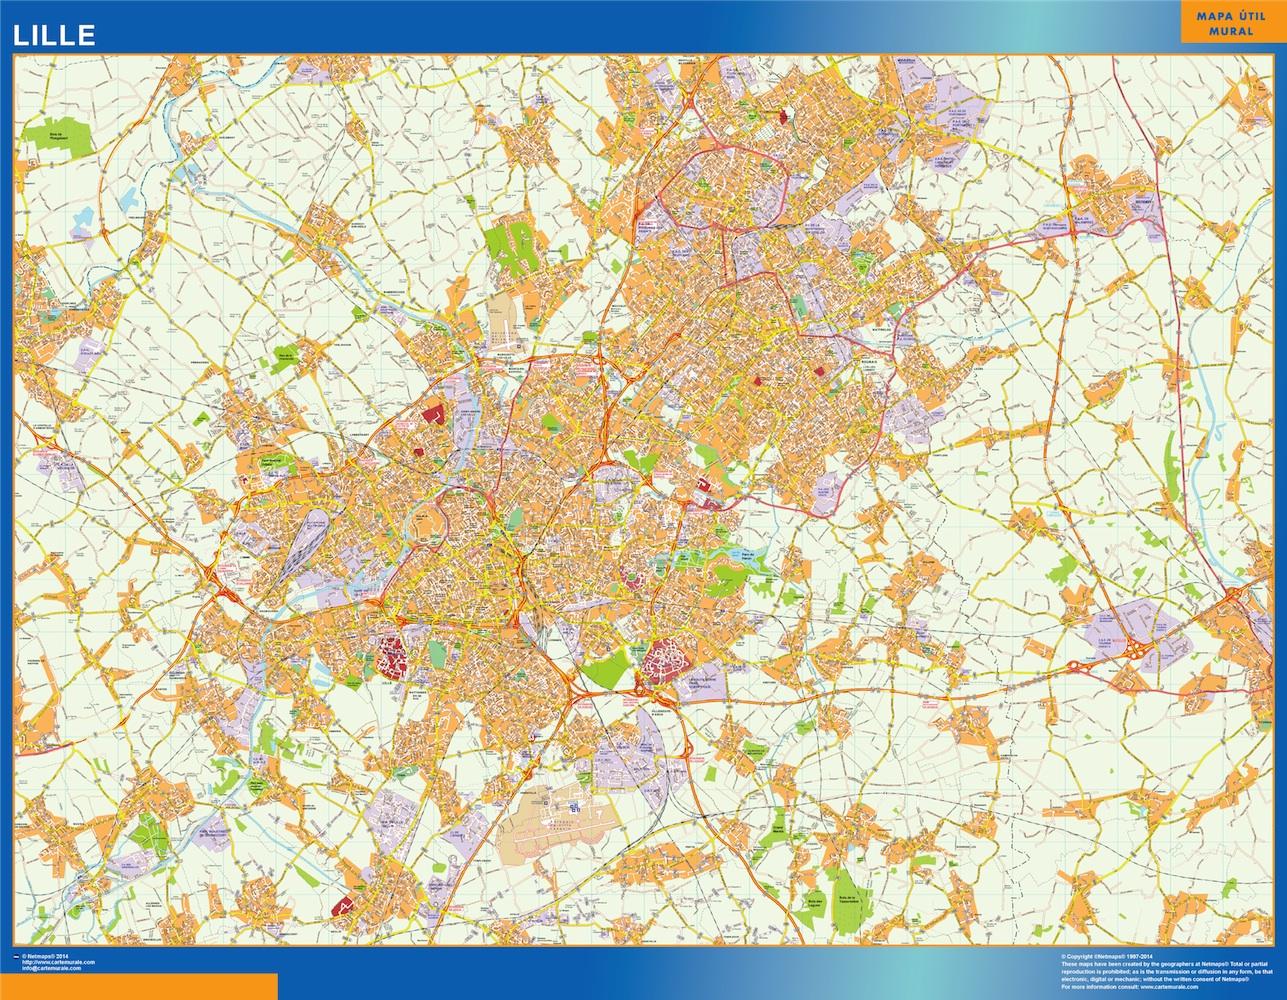 Mapa Lille en Francia plastificado gigante